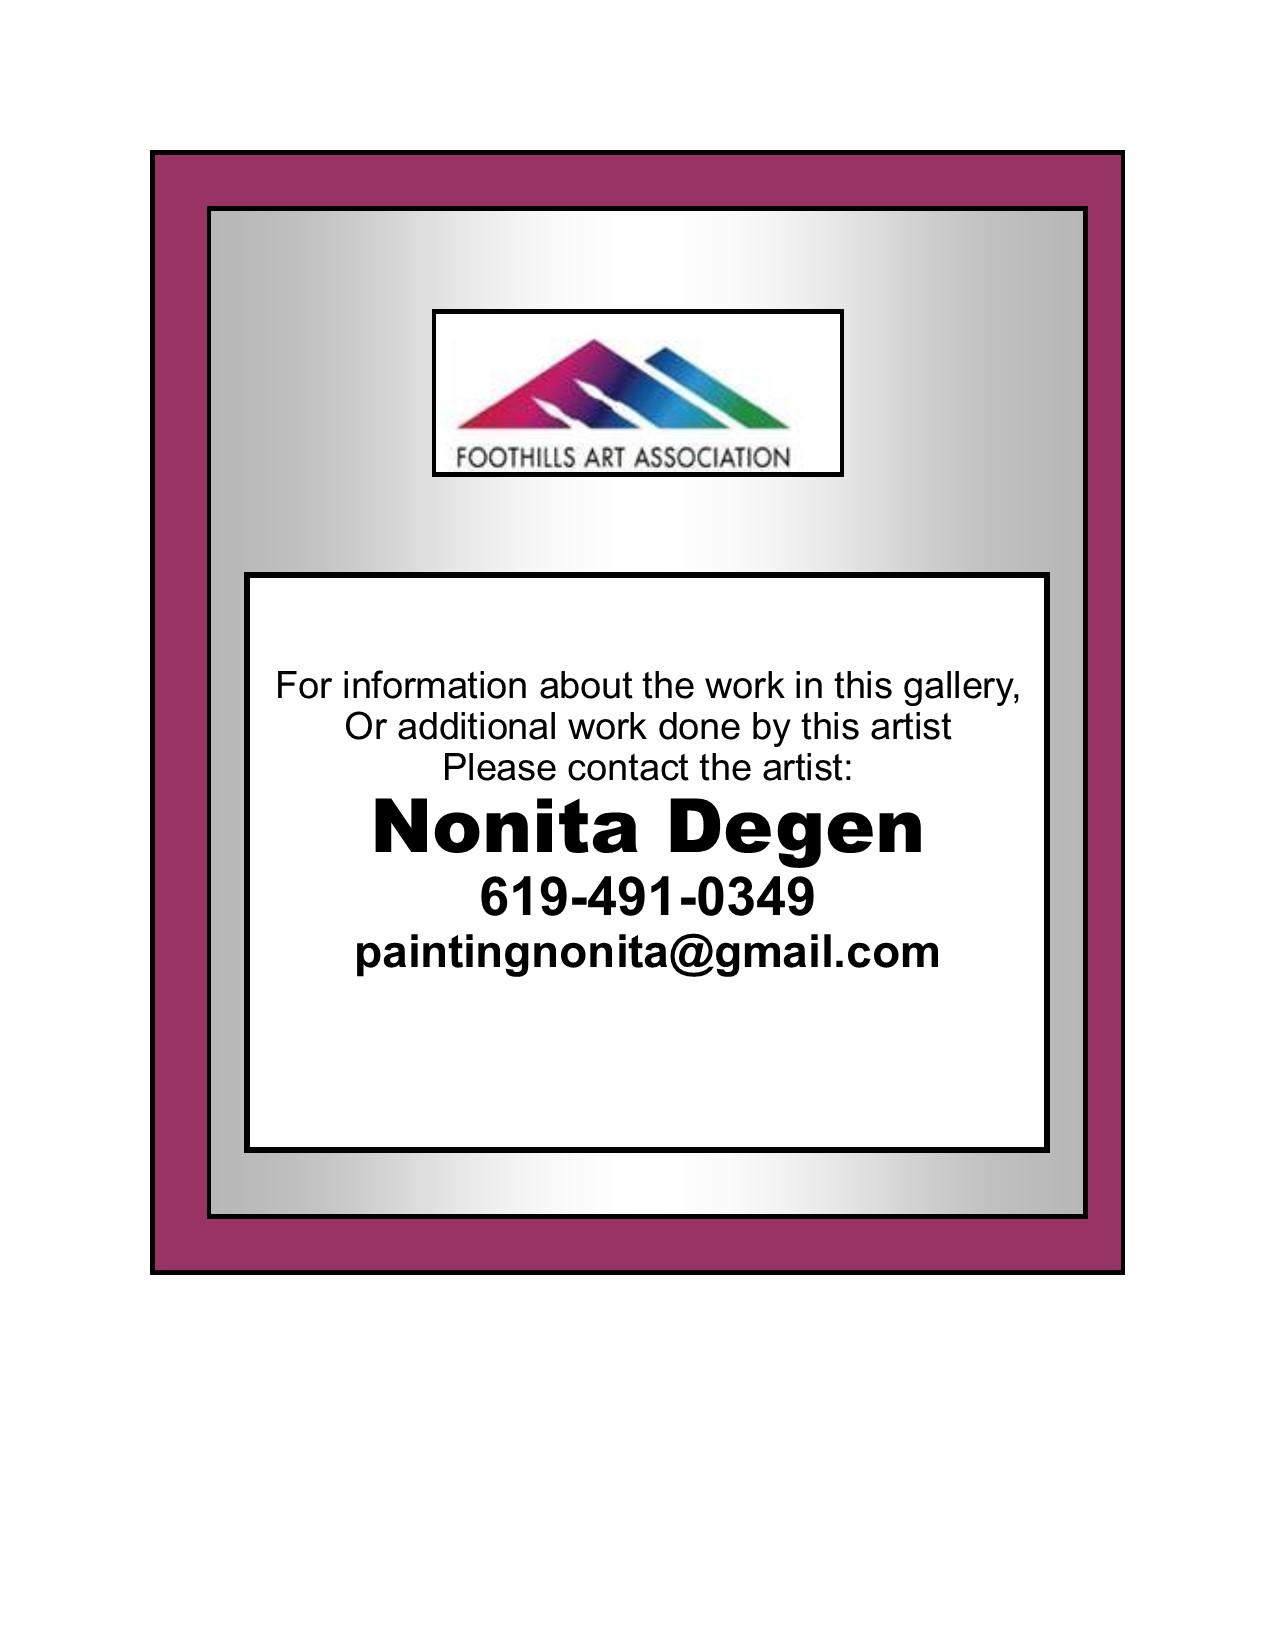 Nonita Degen Contact